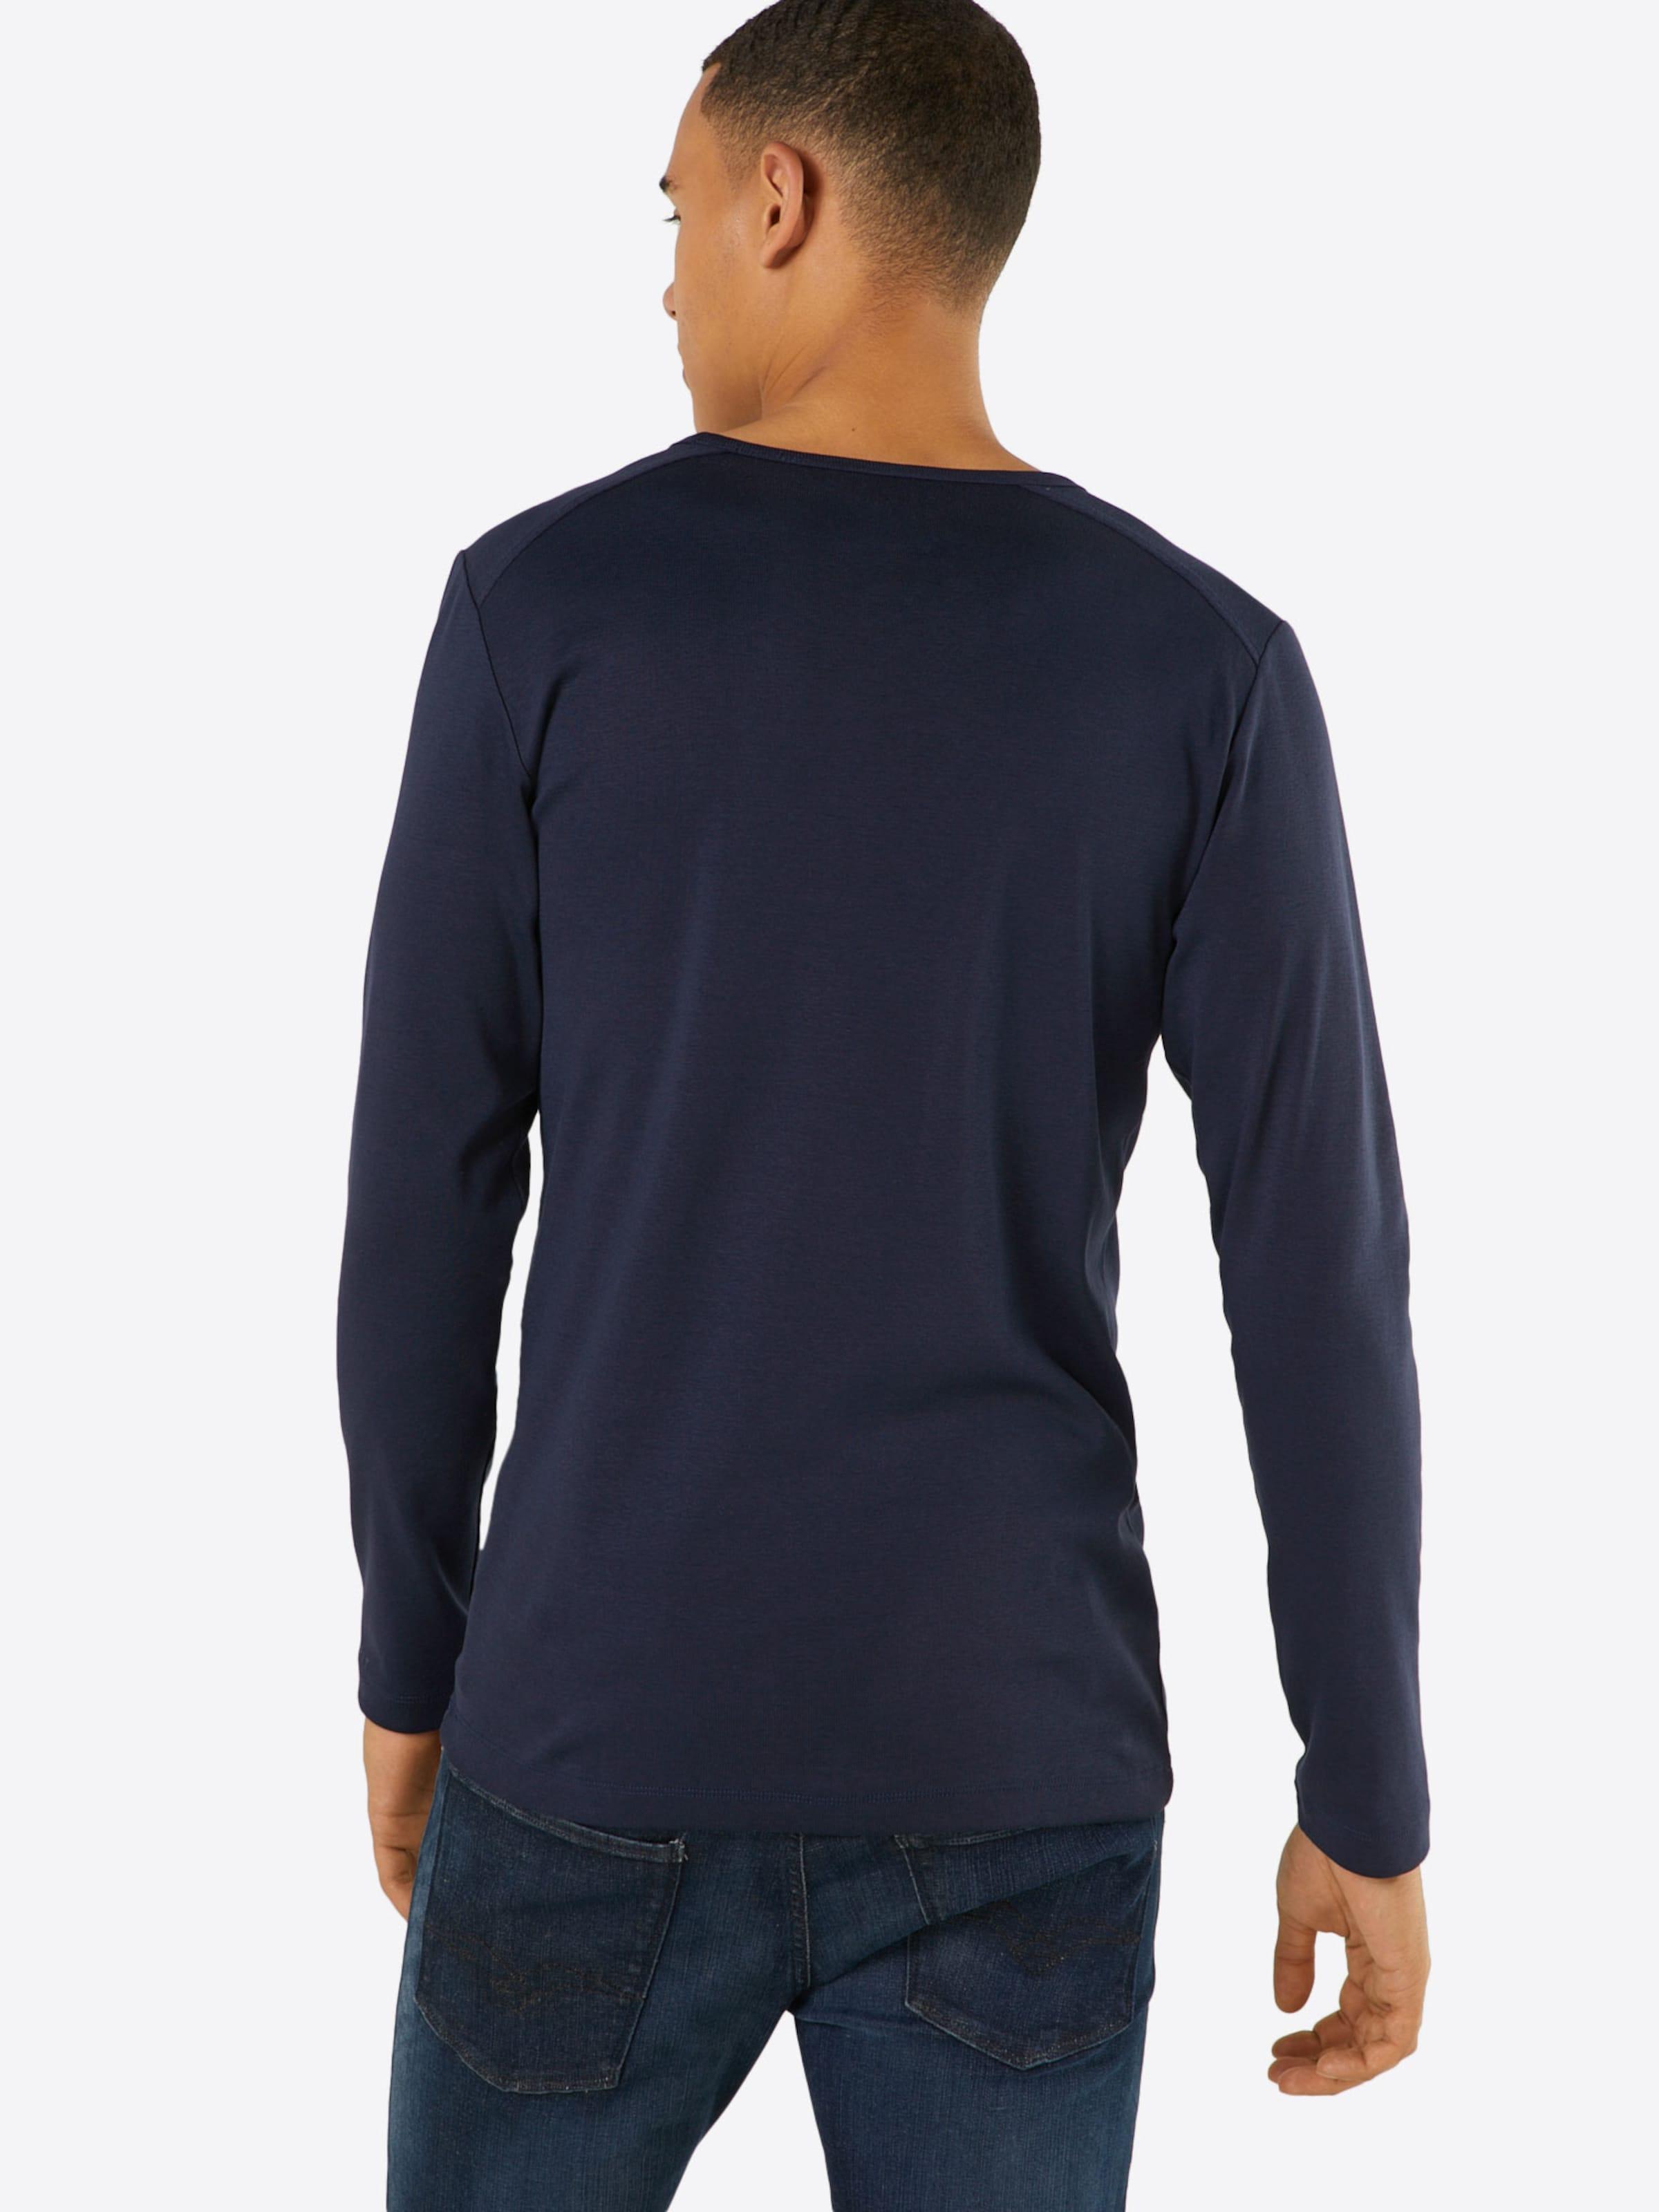 T Noir Noir shirt shirt T En Esprit En Esprit Esprit WxerdoCB